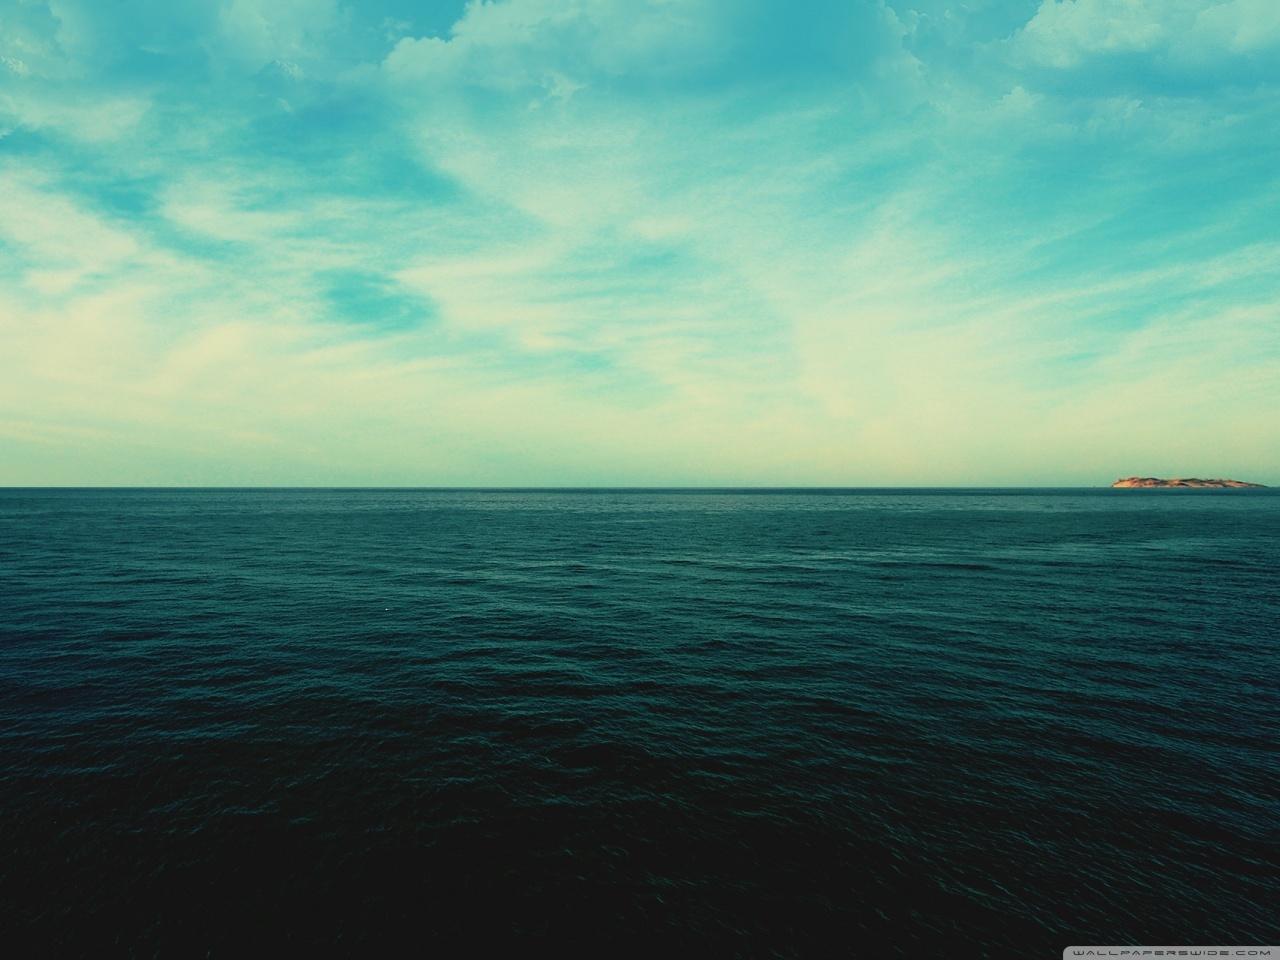 18615 скачать обои Пейзаж, Небо, Море, Облака - заставки и картинки бесплатно